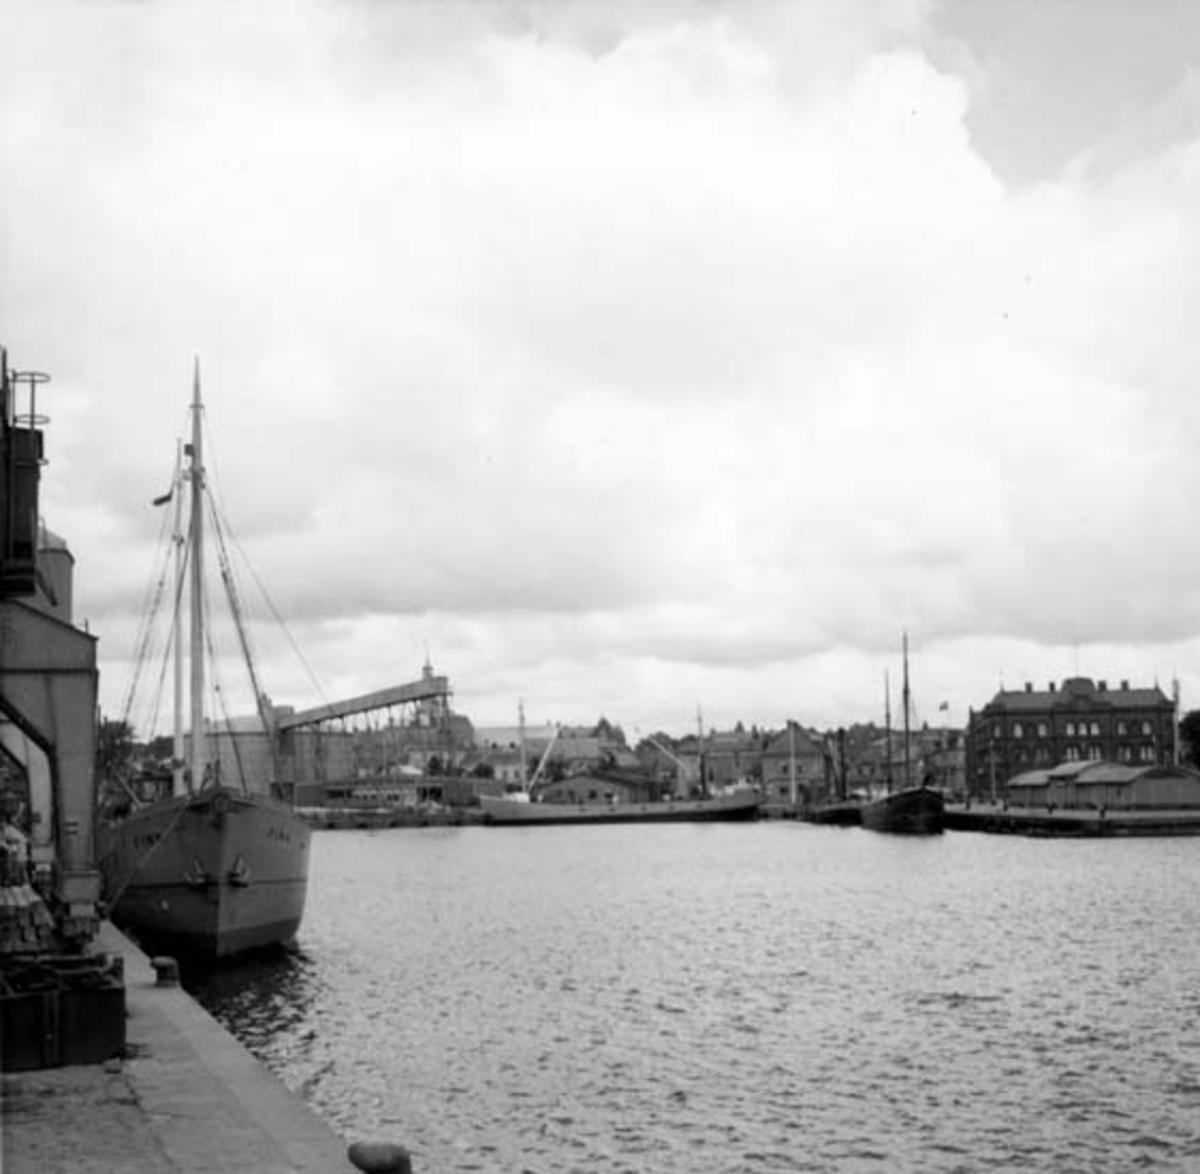 Skrivet på baksidan: Ystad Foto frv FINN - Malmö galeas stål, i mitten DONIA & GULLAN - Karlshamn m/f tidigare 3m/sk stål